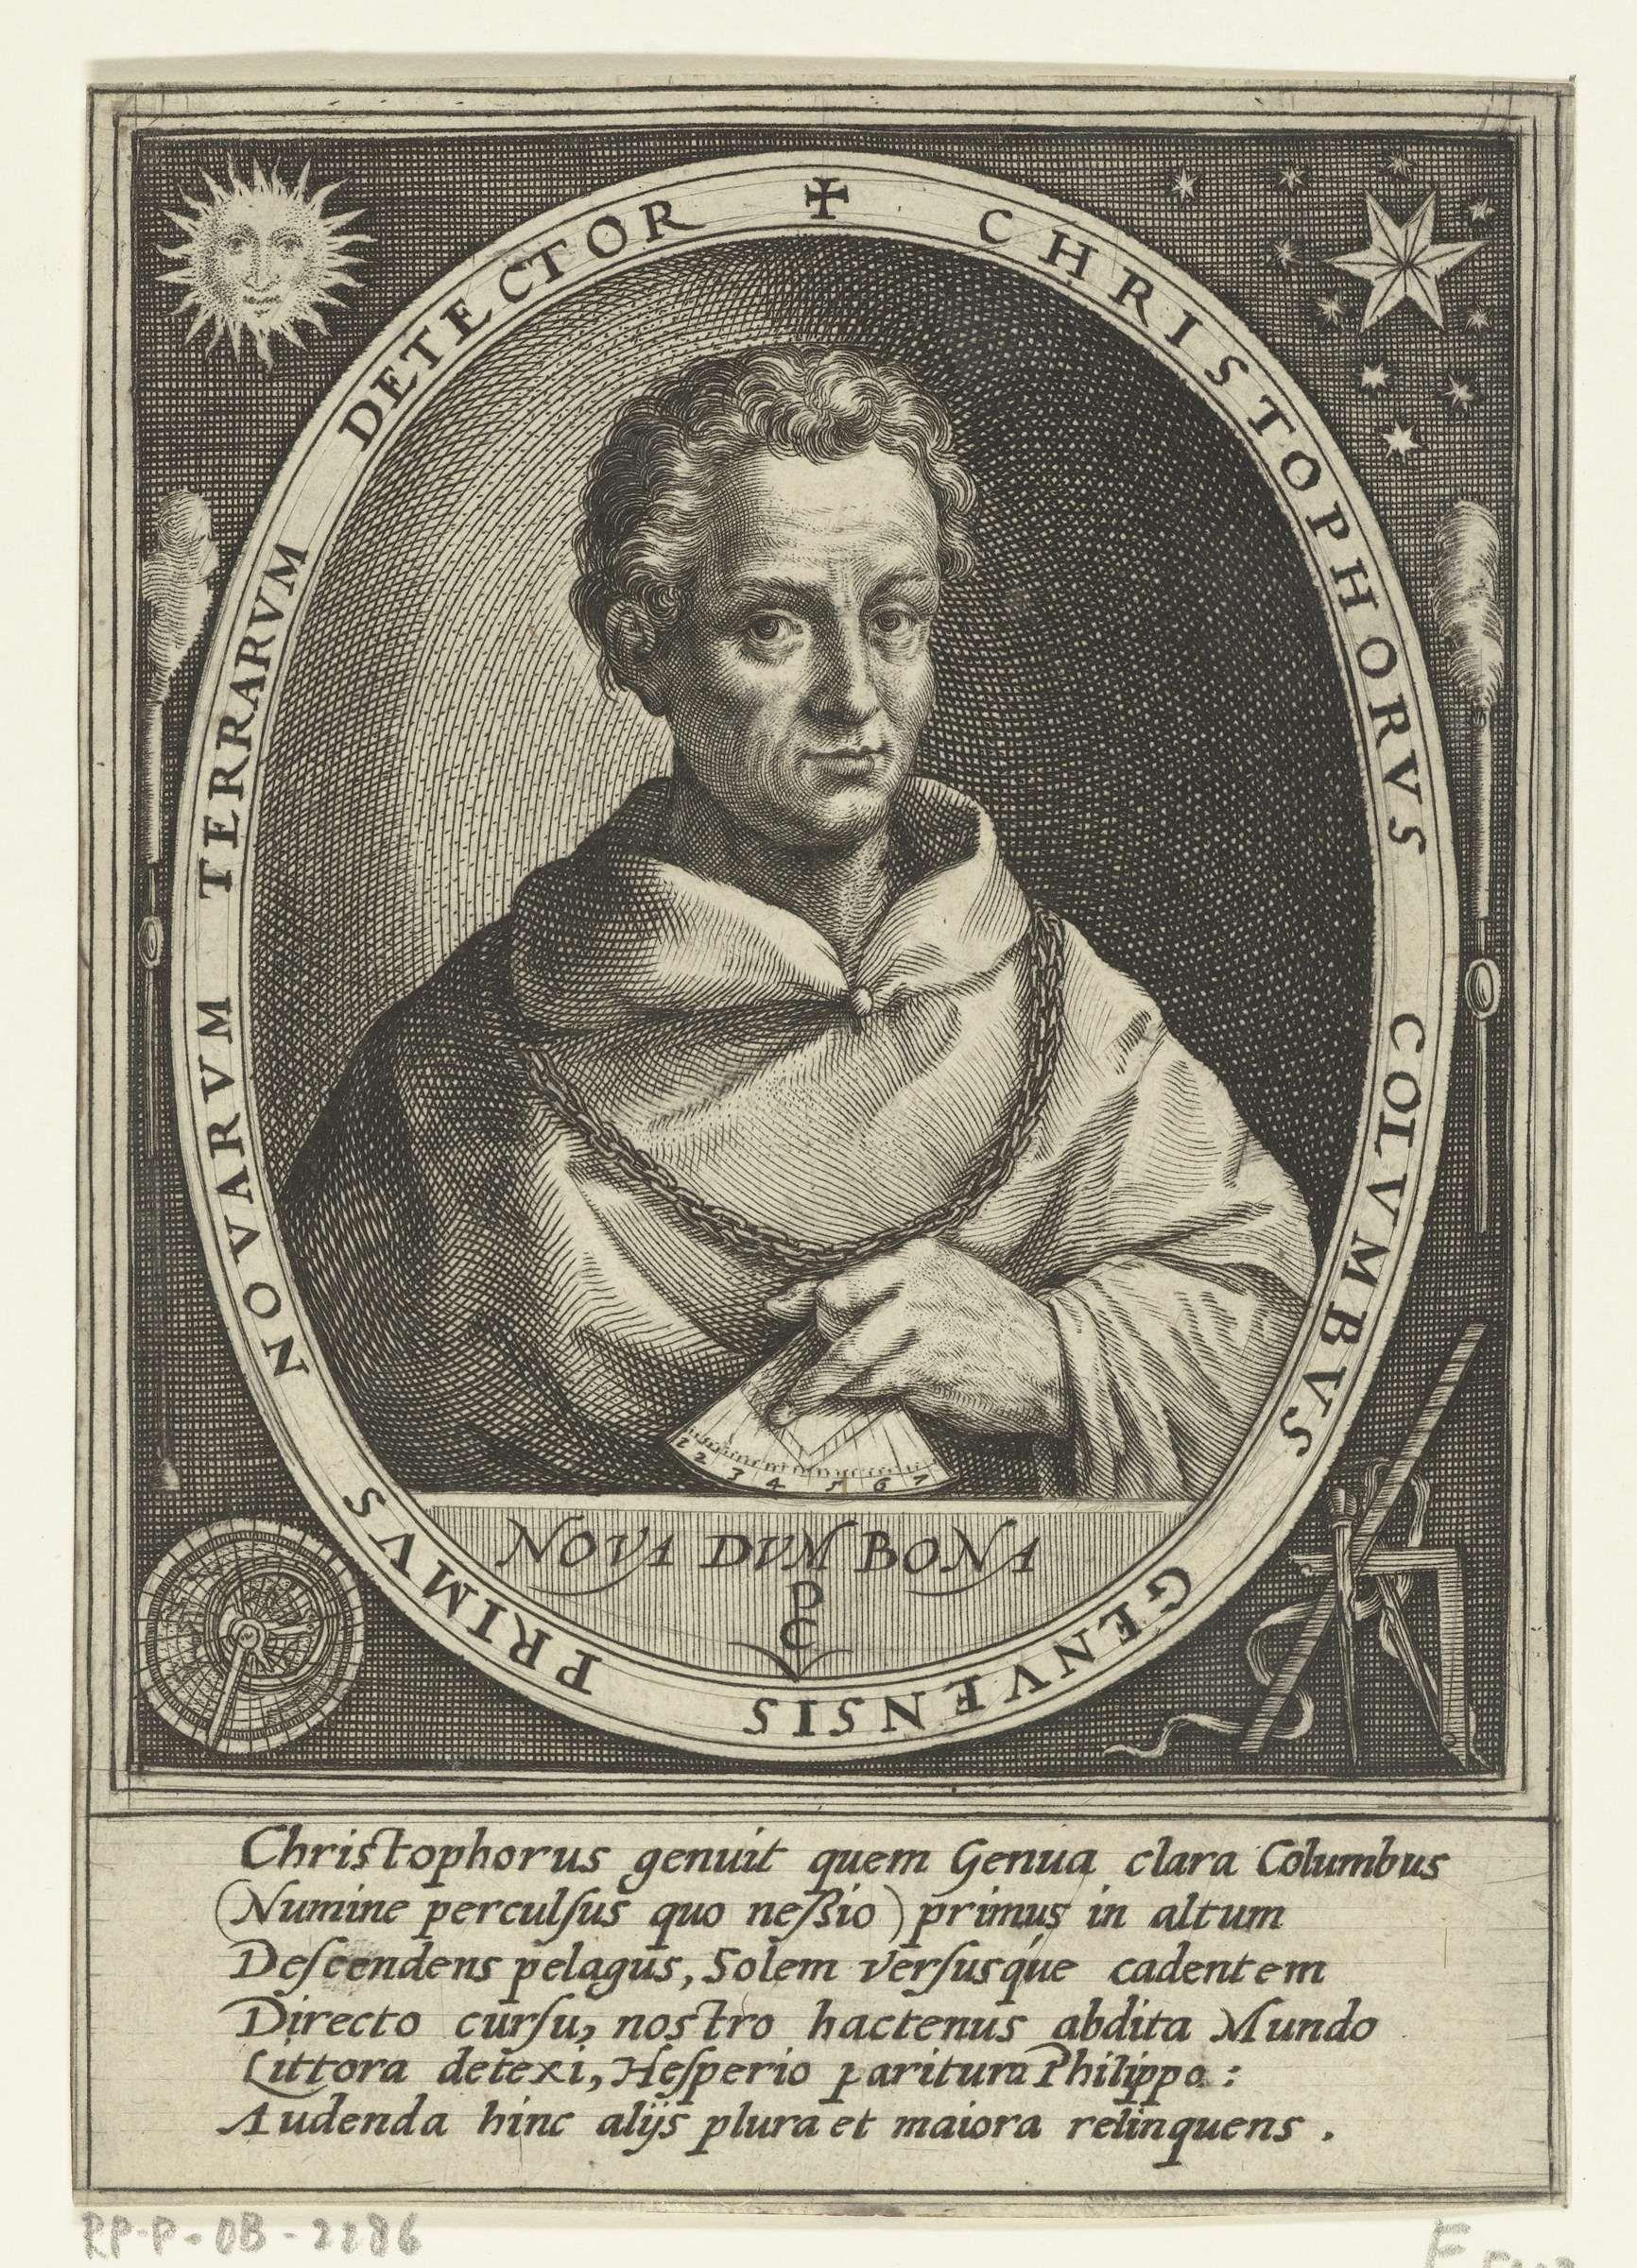 Crispijn van de Passe (I)   Portret van Christoffel Columbus, Crispijn van de Passe (I), 1598   Portret van de ontdekkingsreiziger Christoffel Columbus, eronder zijn devies in het Latijn. In het randschrift van de omlijsting de naam en functie van de geportretteerde in het Latijn. In de hoeken diverse navigatieinstrumenten. In de marge een zesregelig lofdicht in het Latijn.